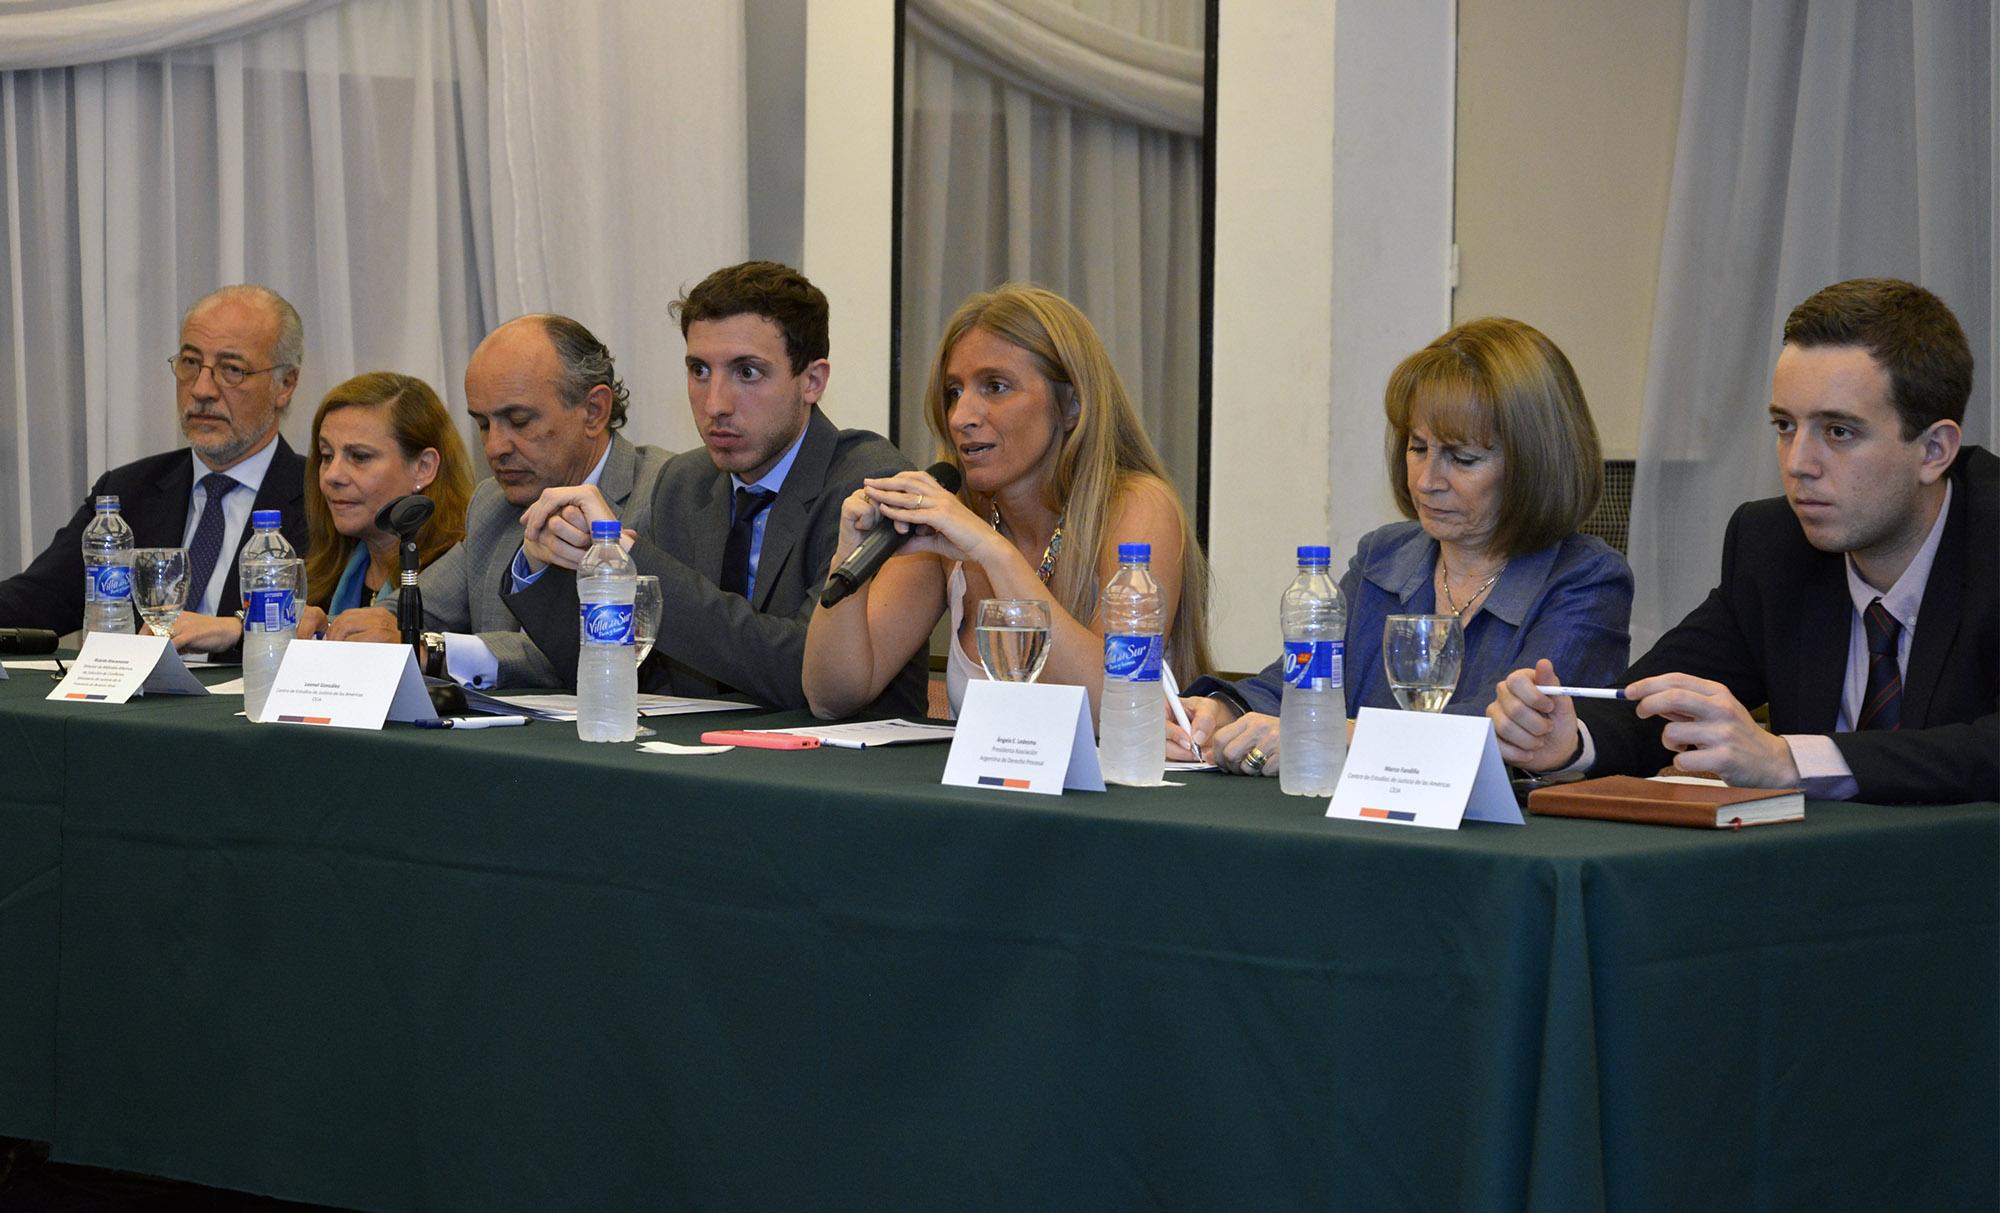 El Ministerio de Justicia expuso en un foro sobre mediación y acceso a la justicia